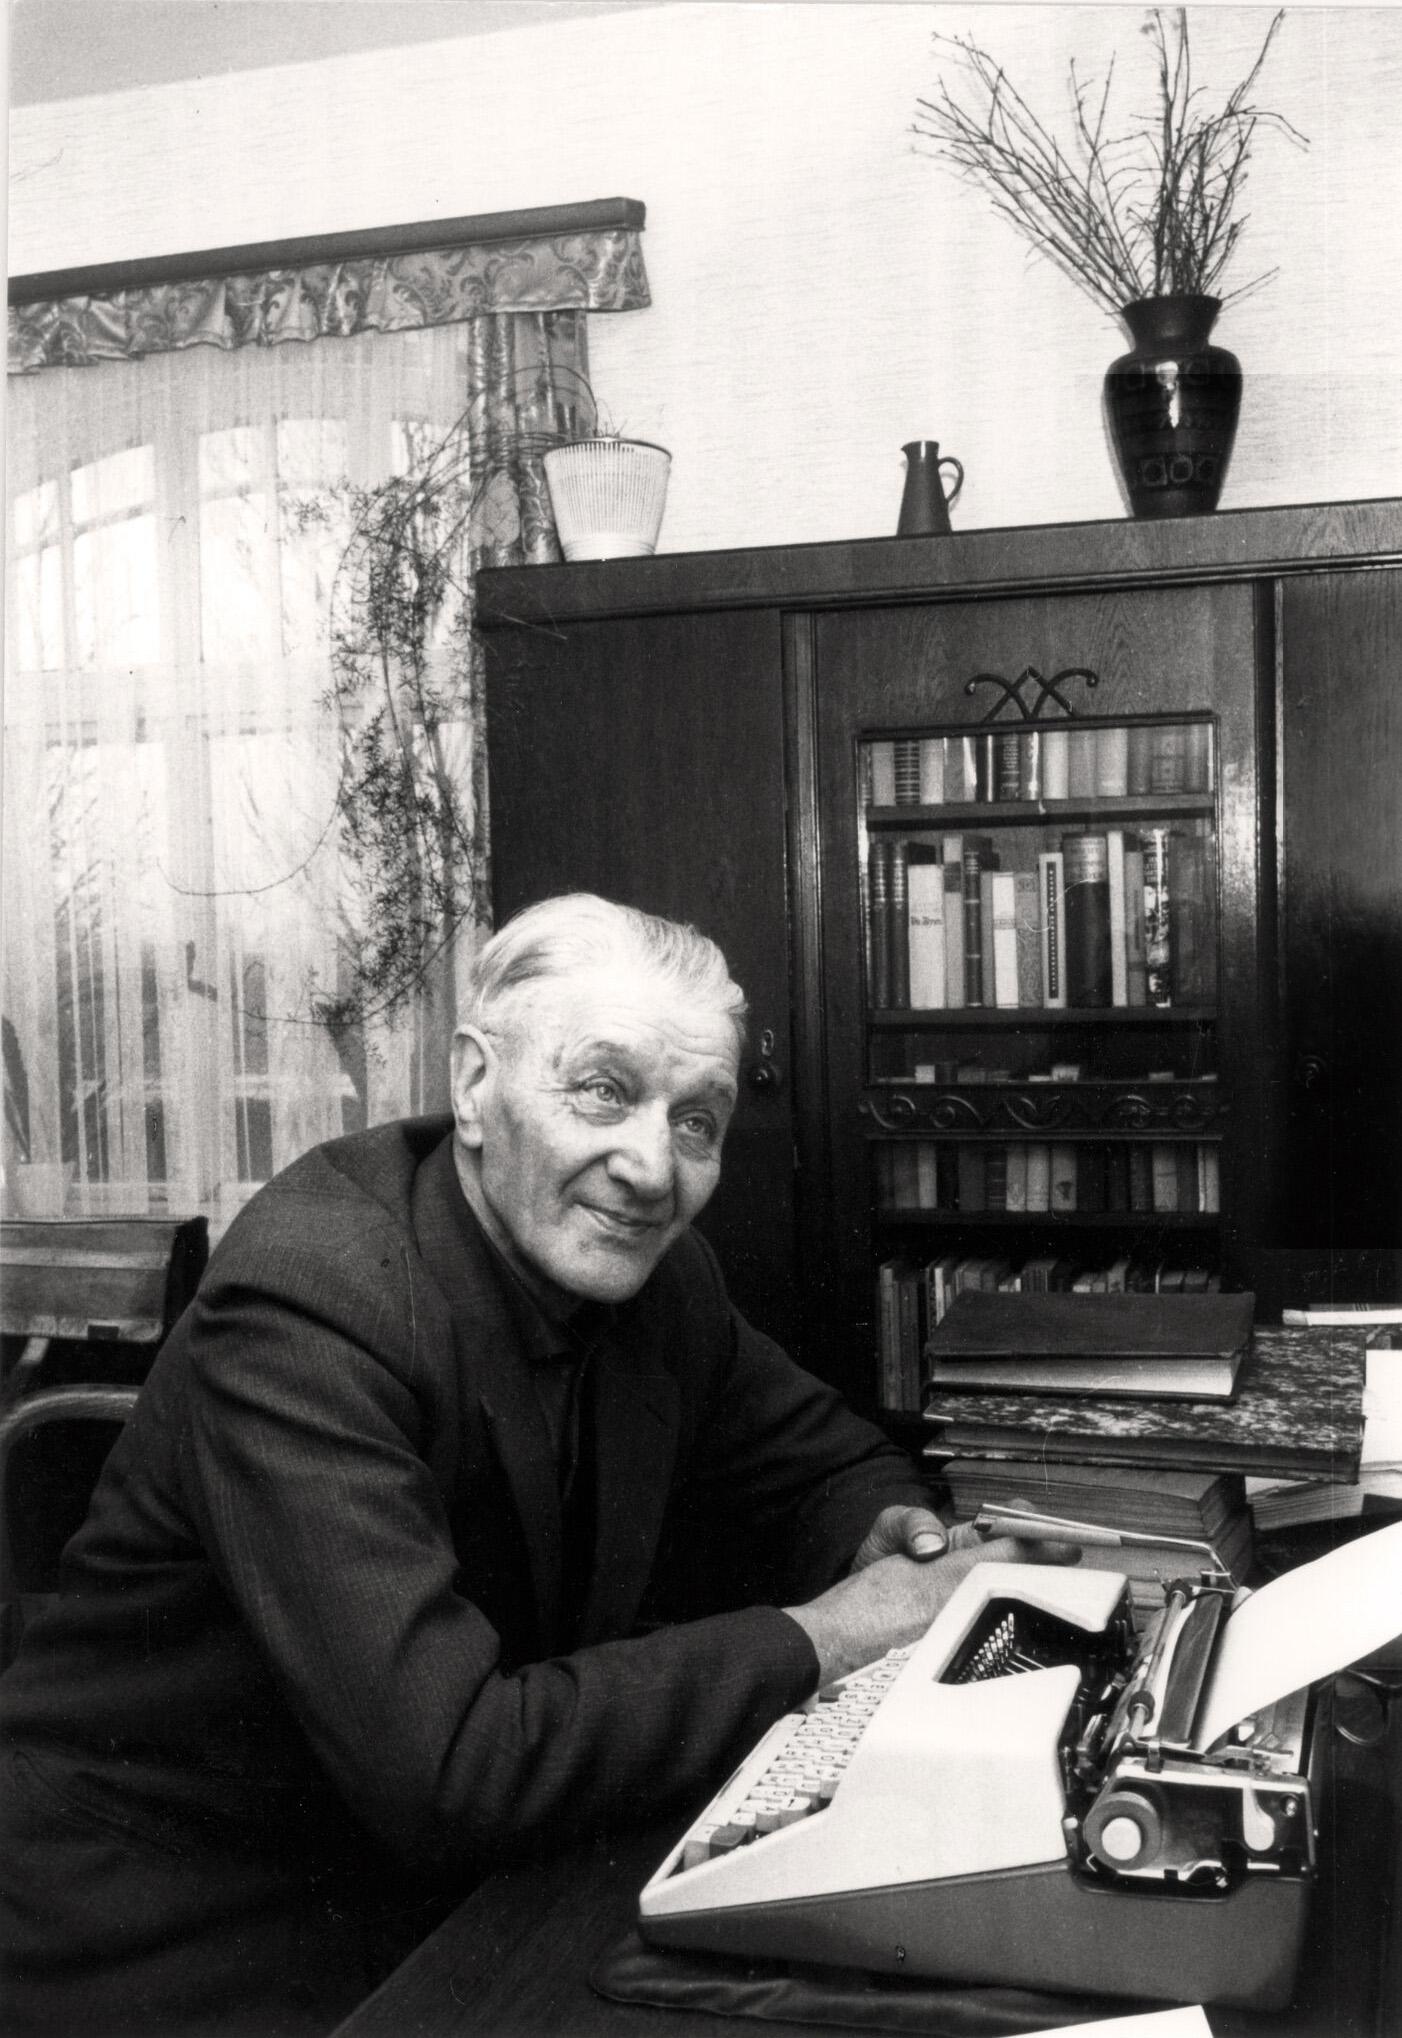 Joh. Schoon am Schreibtisch - 1965